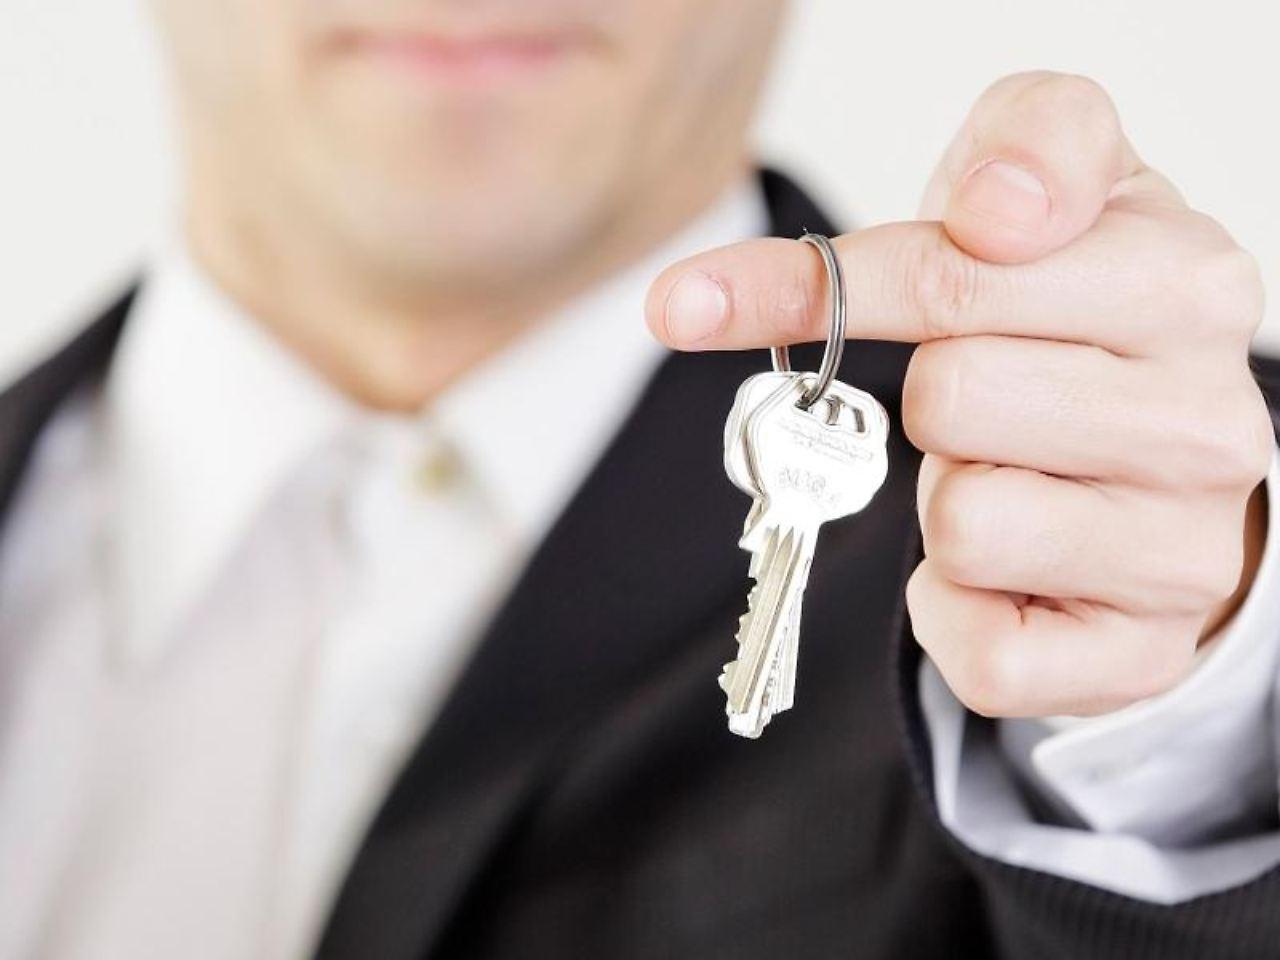 Keine Pflicht Aber Empfehlenswert: Idealerweise Gehen Mieter Und Vermieter  Gemeinsam Durch Die Wohnung Und Fertigen